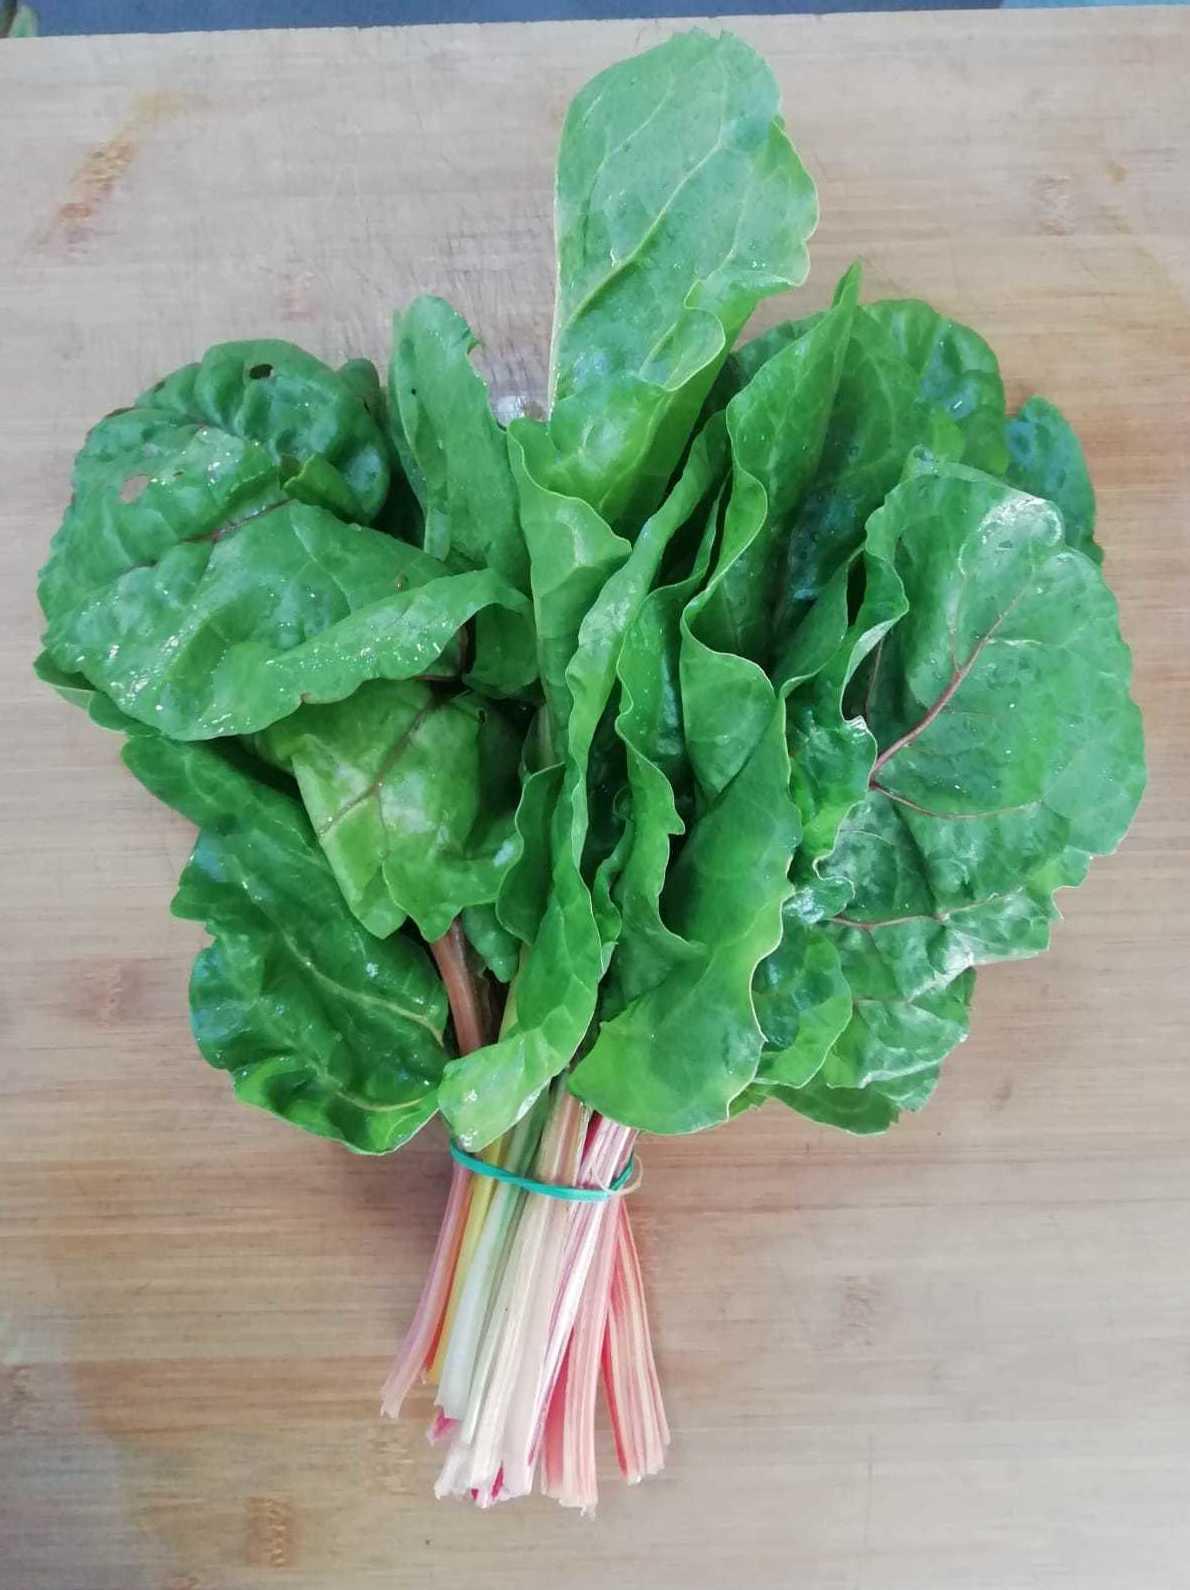 Foto 29 de Tienda de alimentos ecológicos en  | Gust i Colors